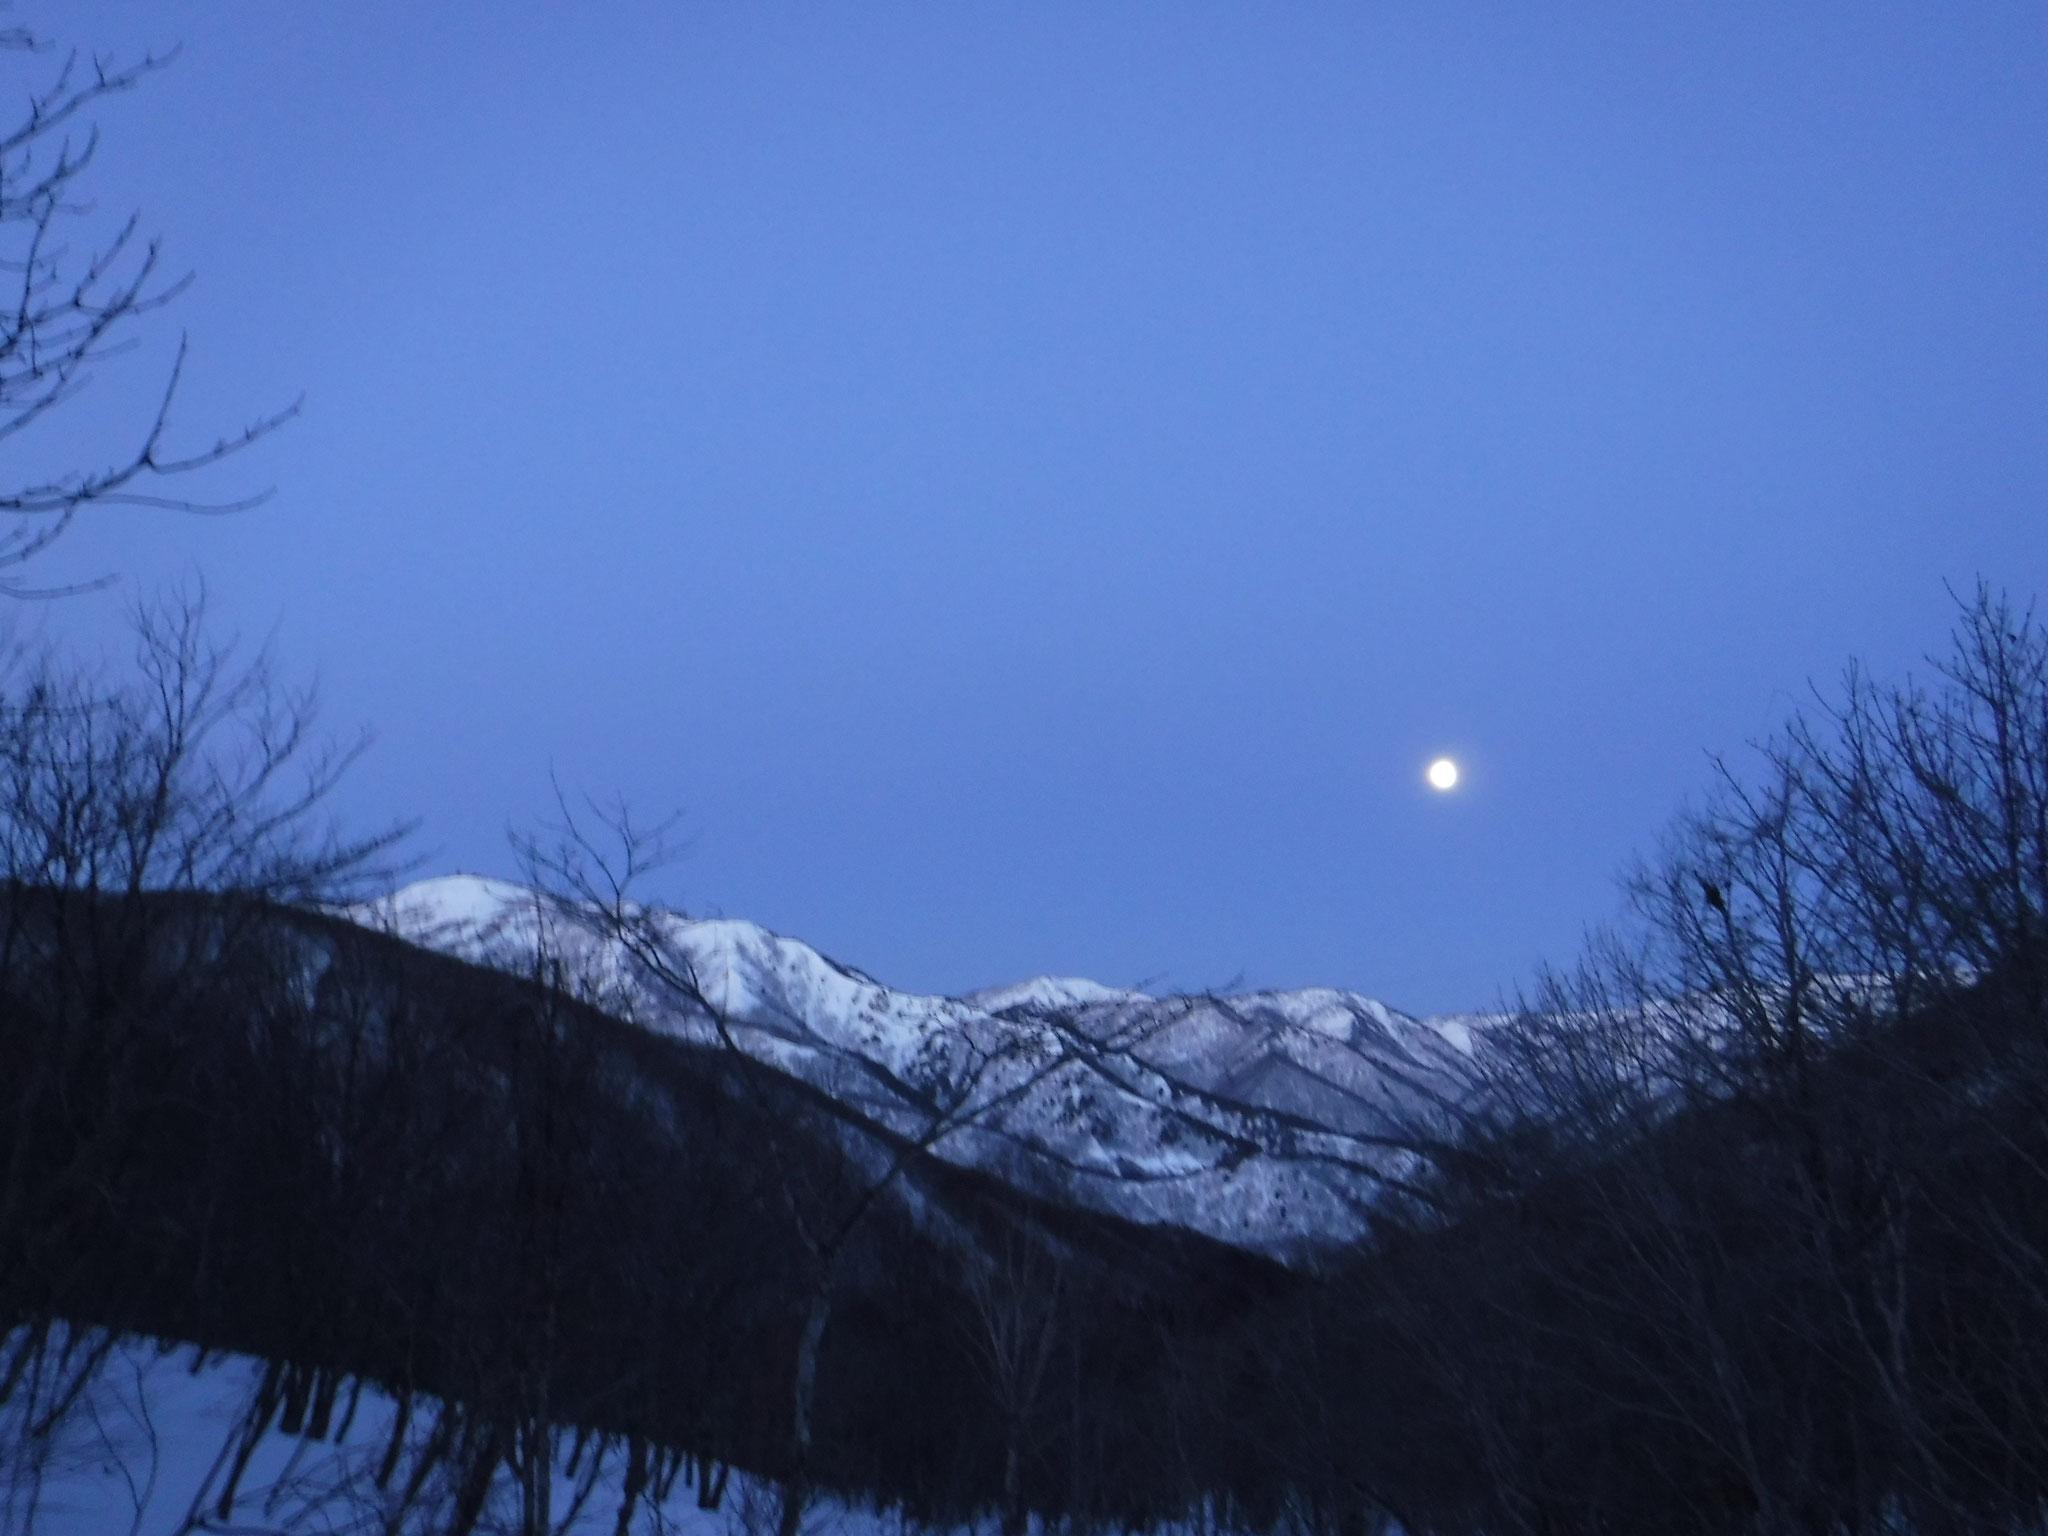 6:00 昨日夕方が満月だった。